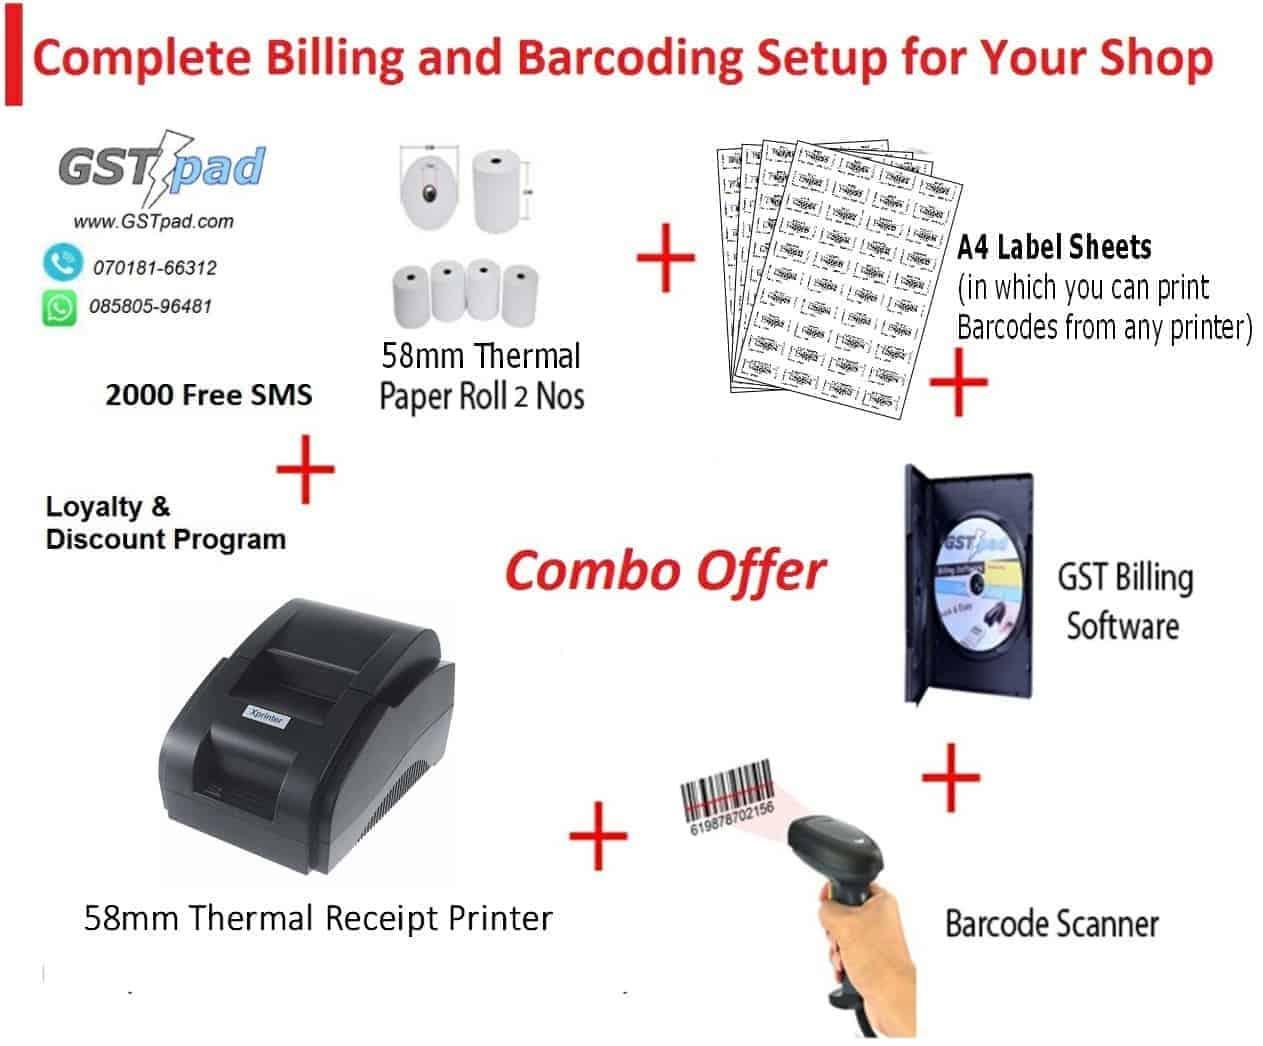 Complete billing setup for retail shop